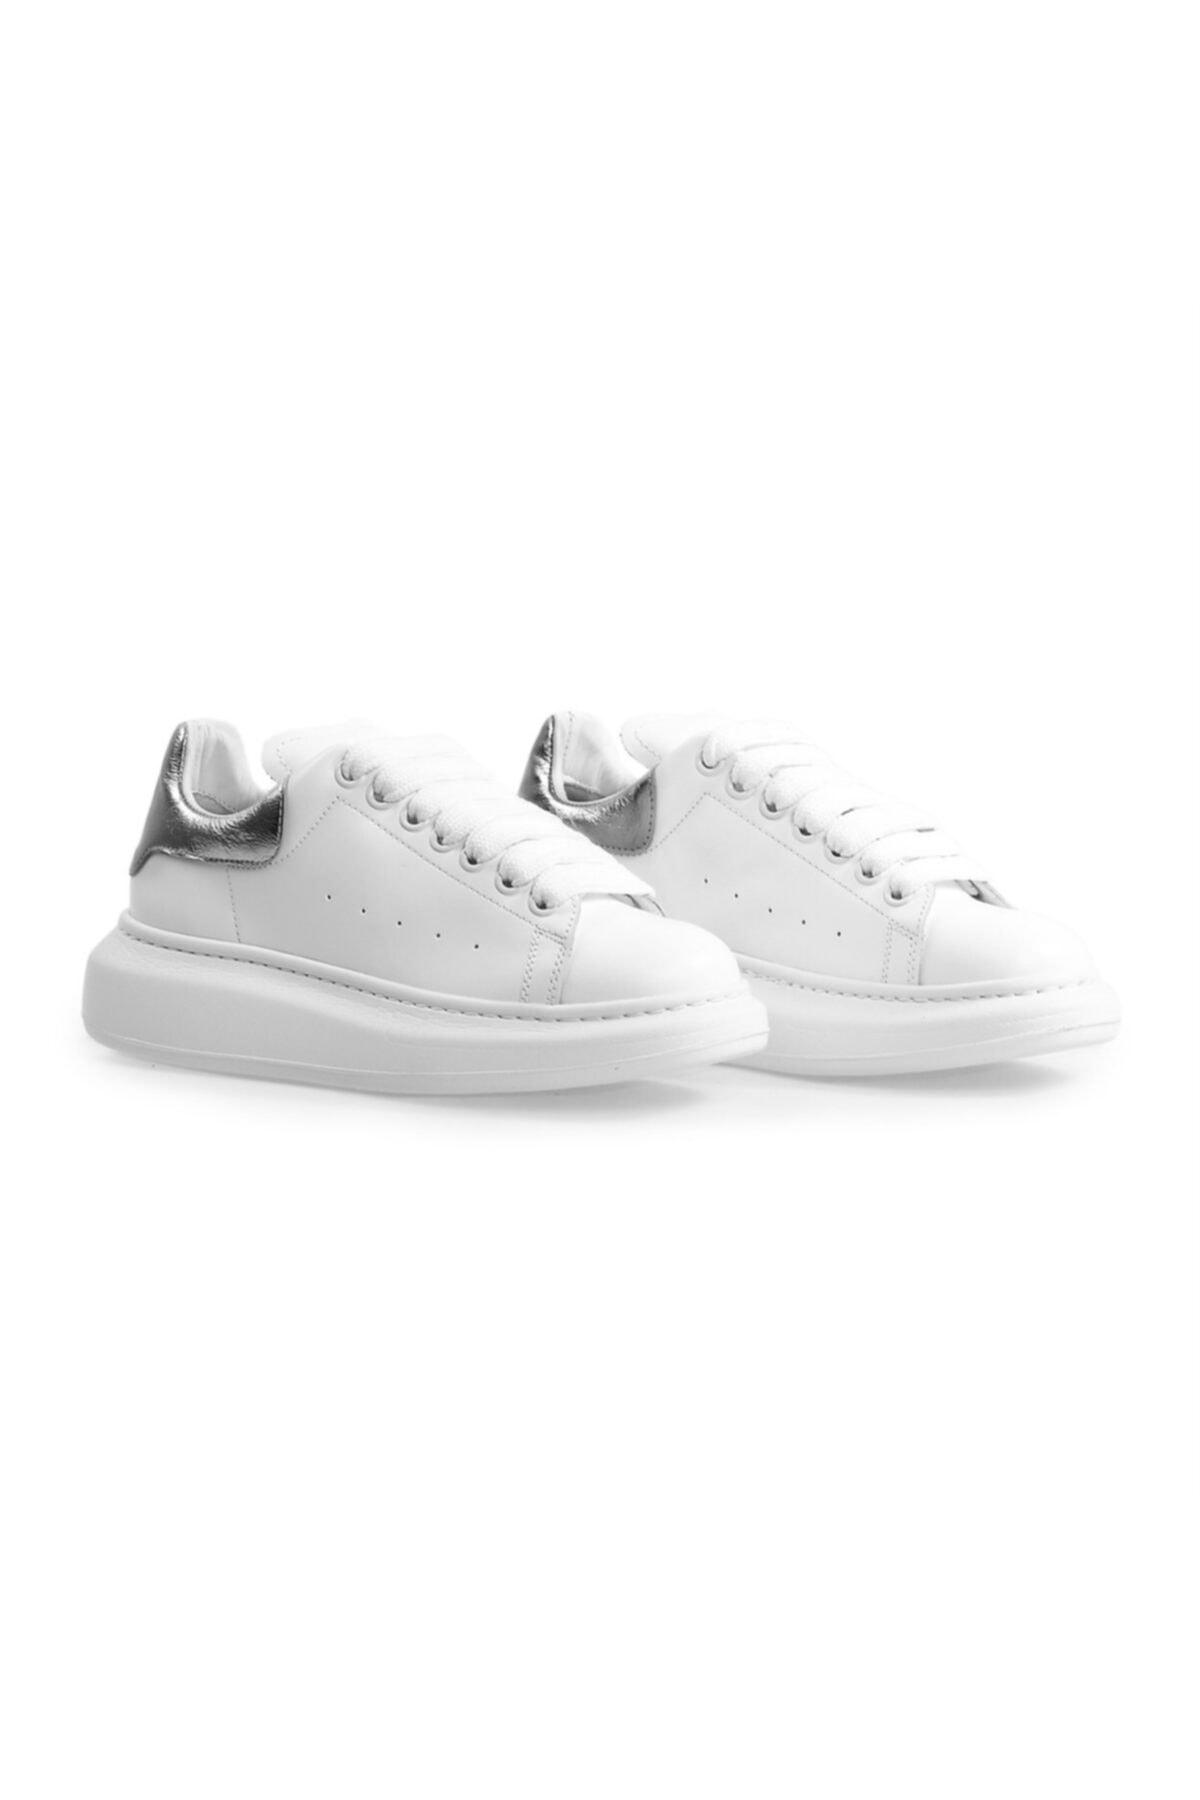 Flower Kadın Beyaz Antrasit Yüksek Tabanlı Spor Ayakkabı 1